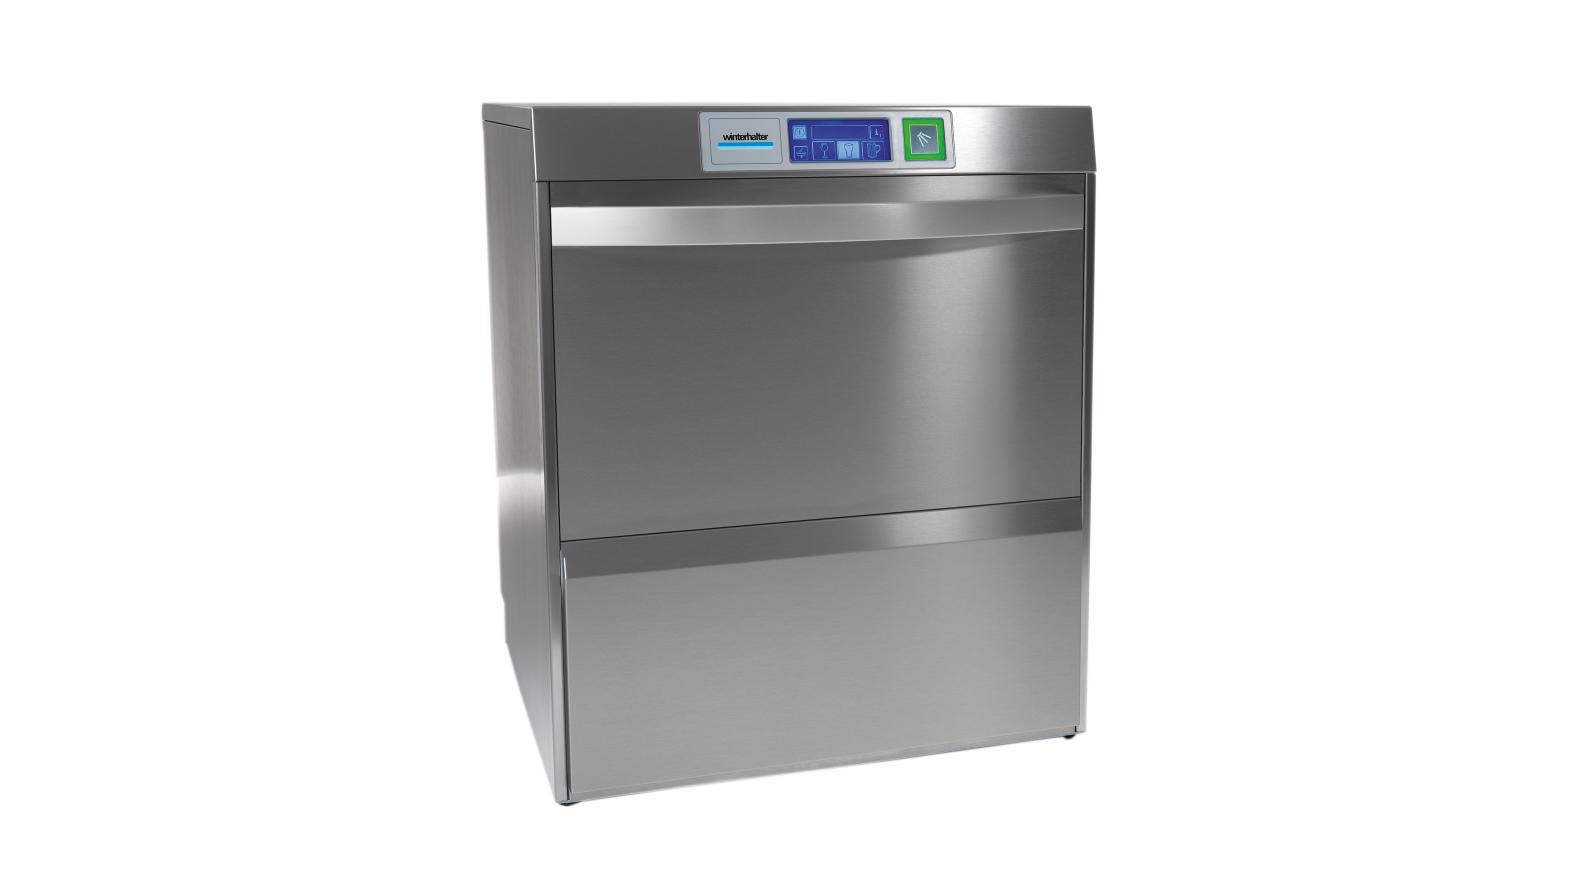 台下式洗碗机UC-M